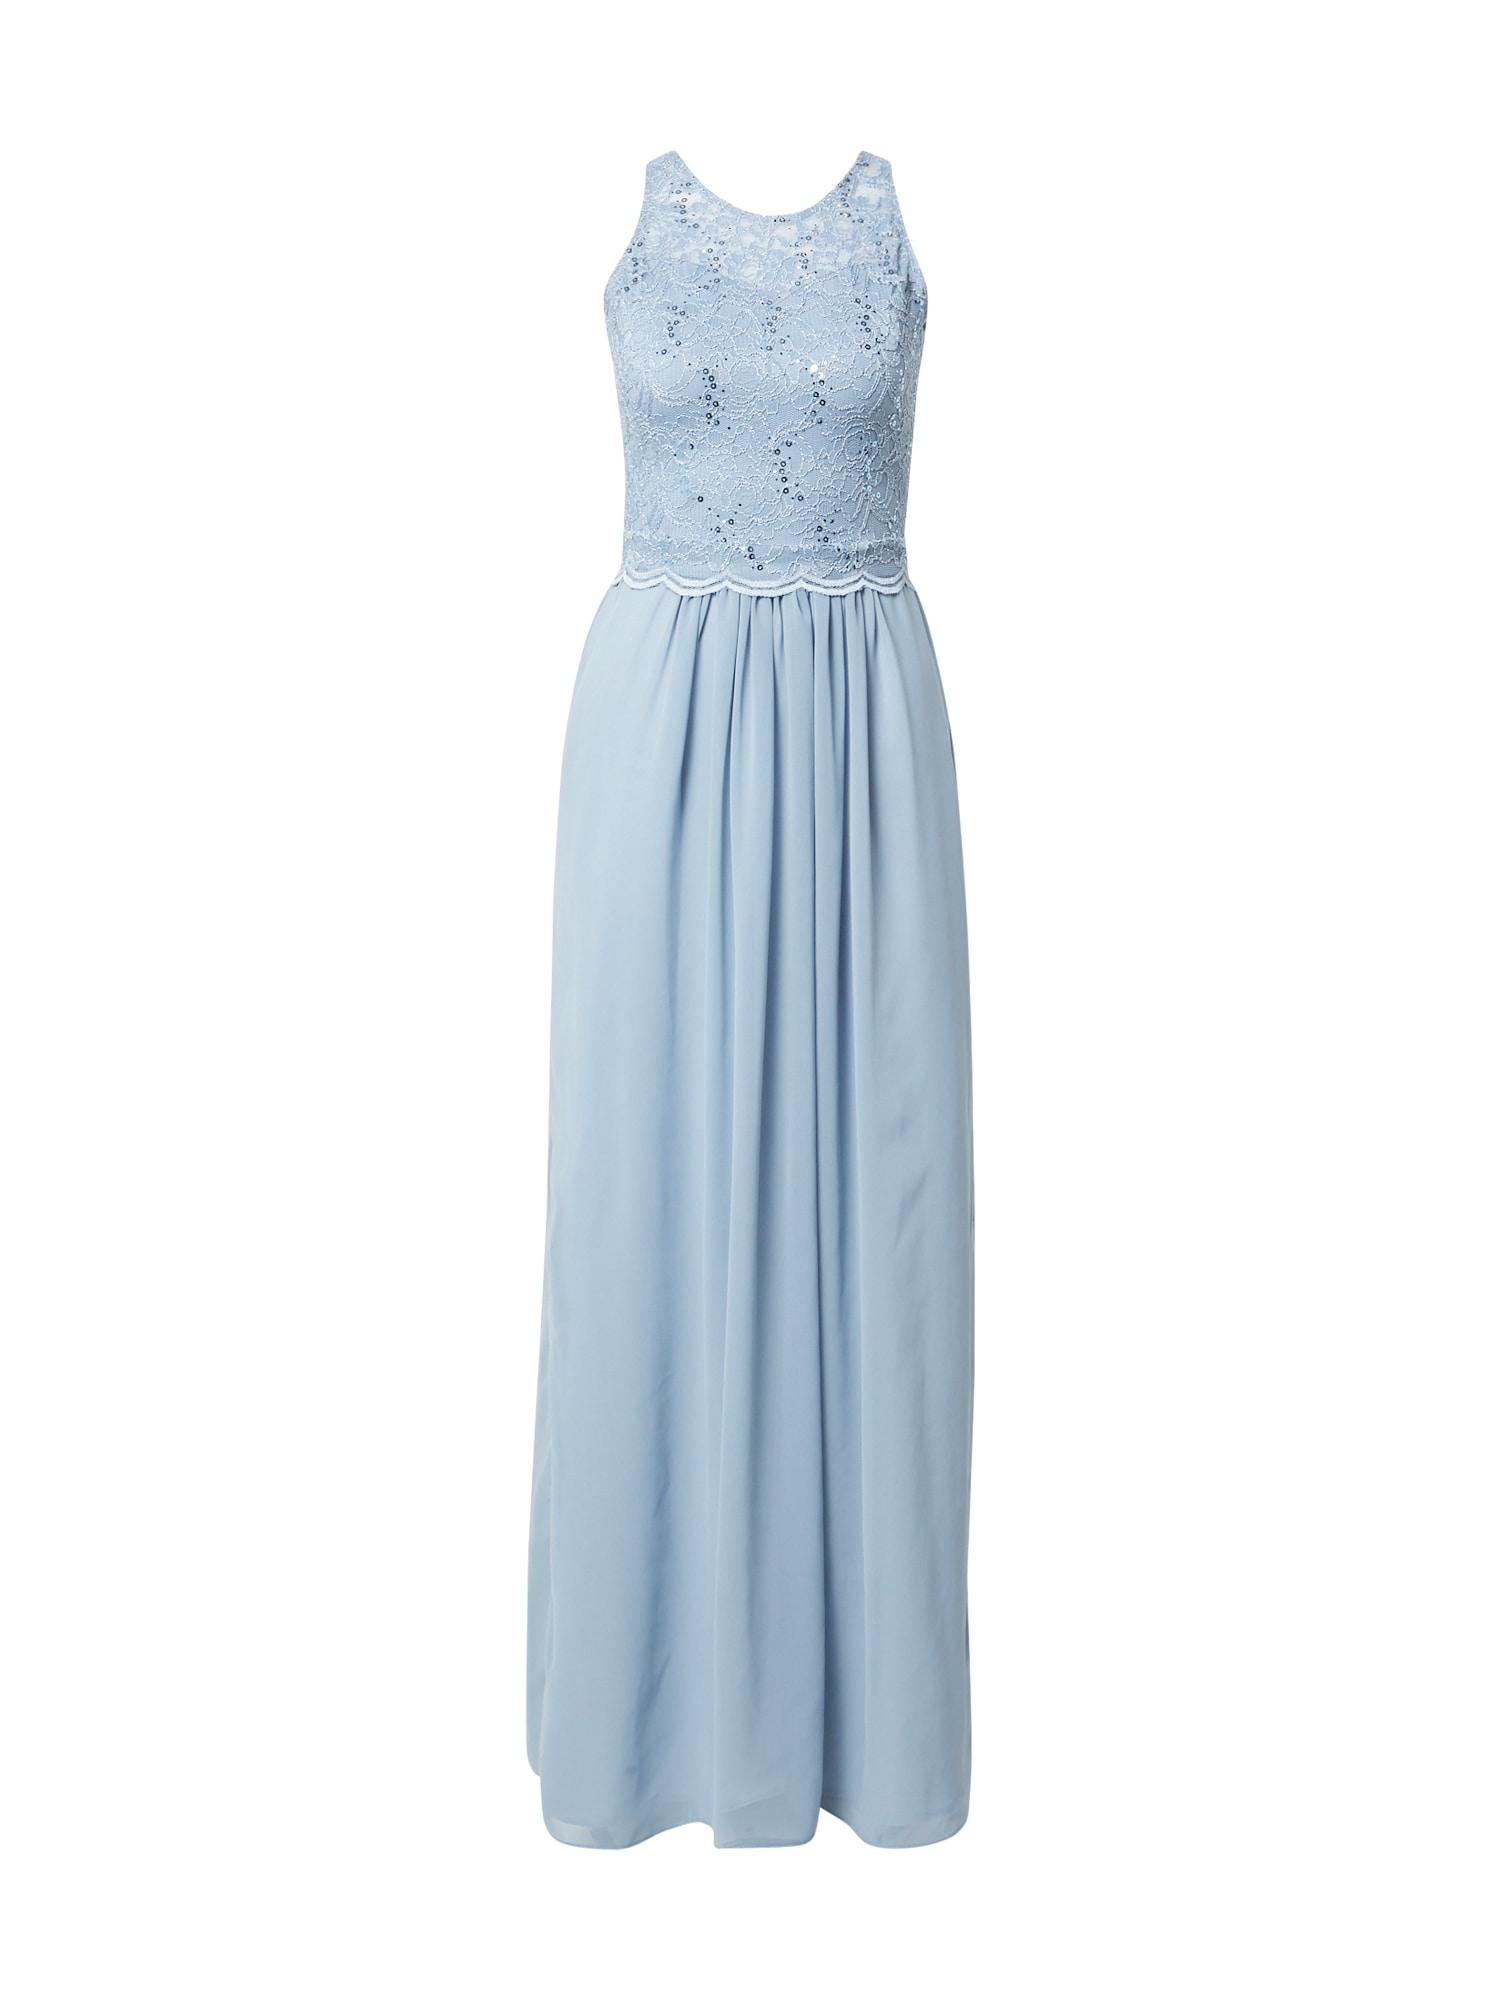 SWING Vakarinė suknelė mėlyna dūmų spalva